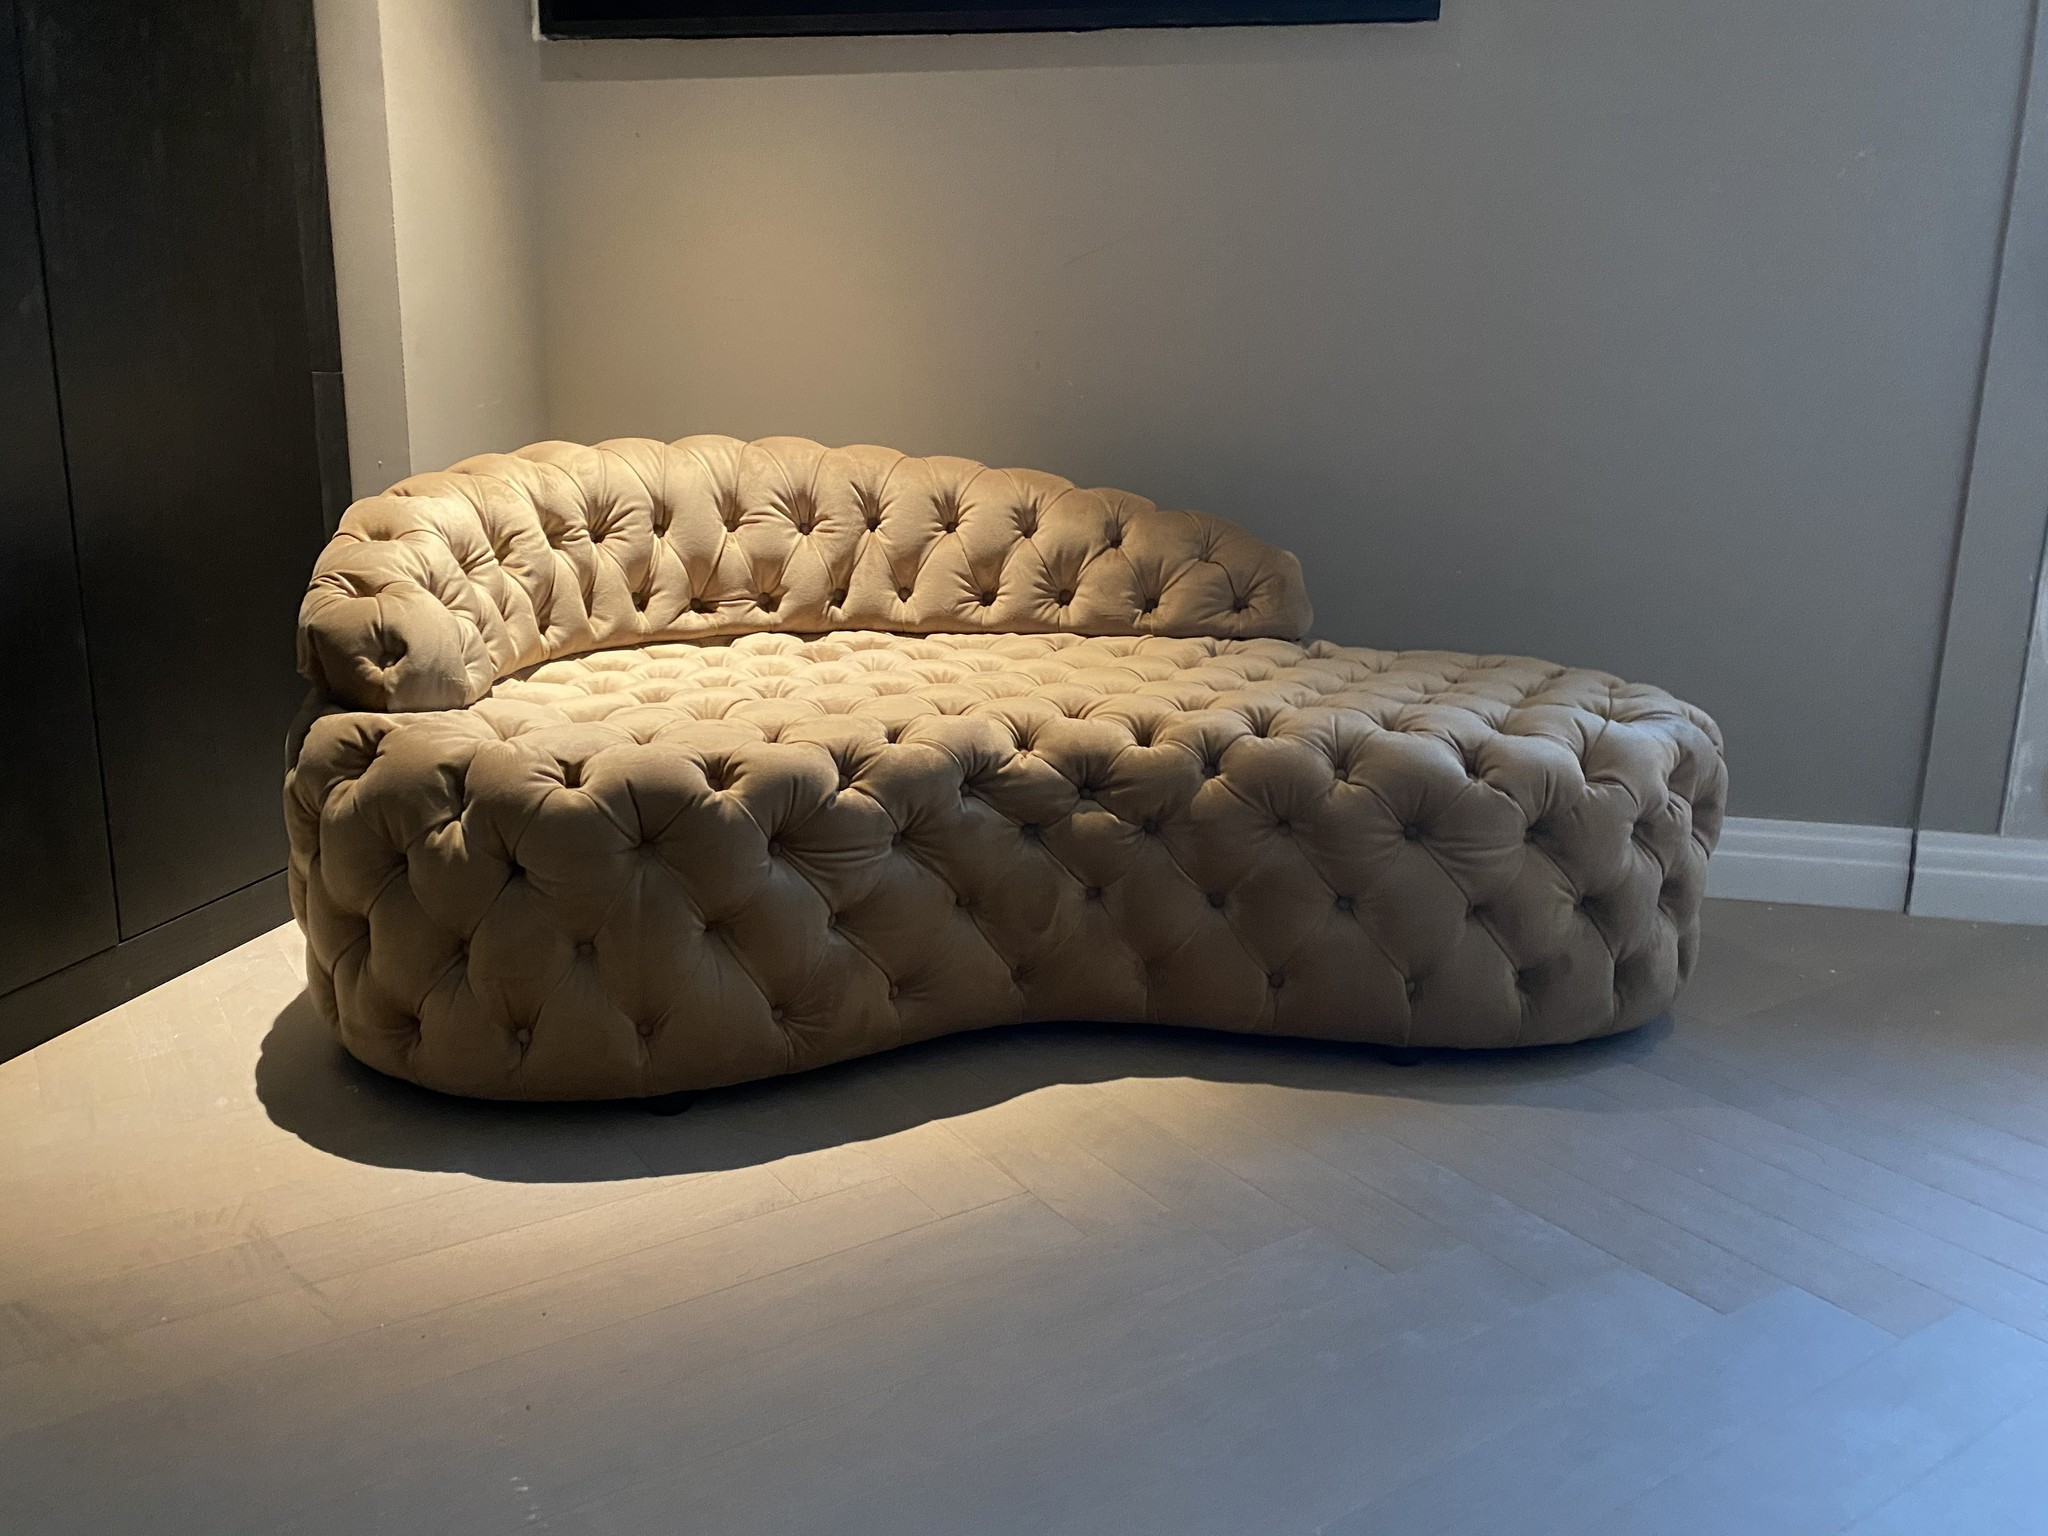 BUSIAMANTE Chaise Longue Gold Velvet-3